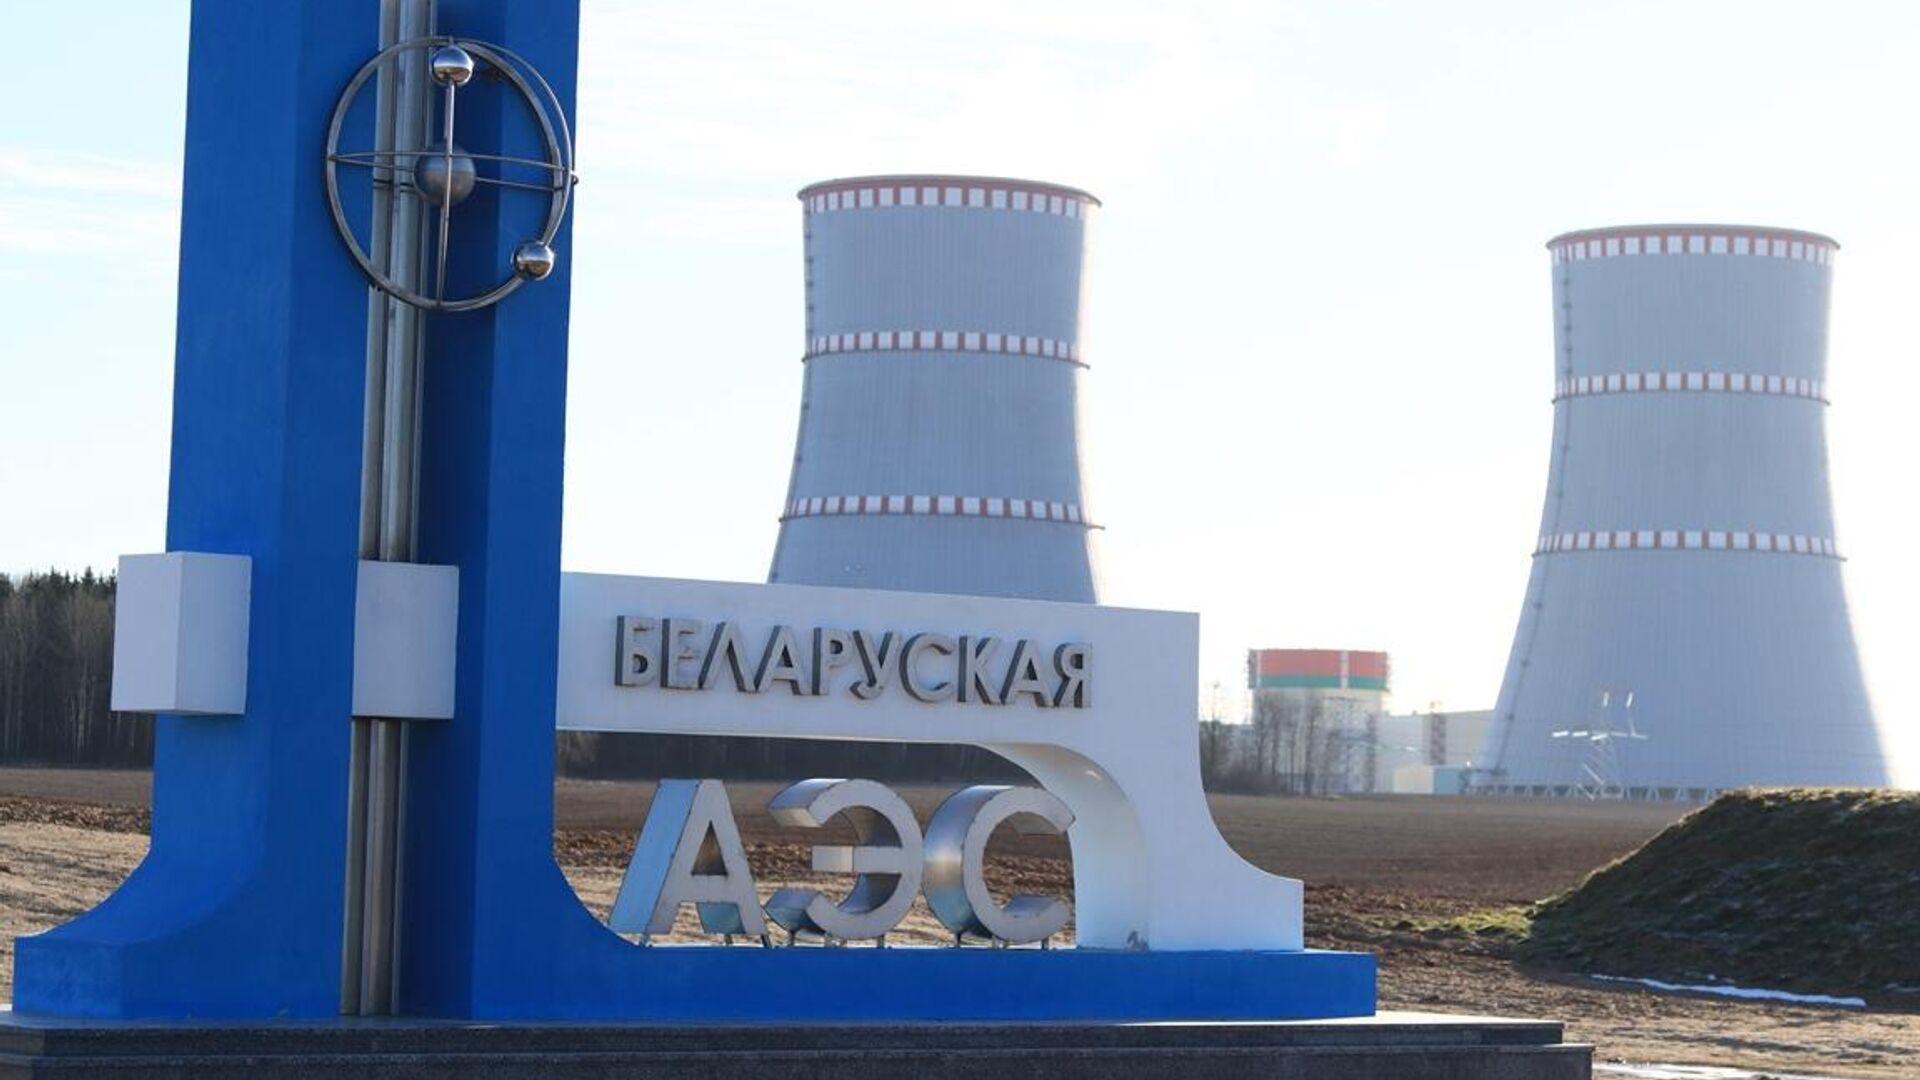 Загрузка имитаторов тепловыделяющих сборок (ИТВС) в реактор второго энергоблока Белорусской АЭС - РИА Новости, 1920, 25.04.2021